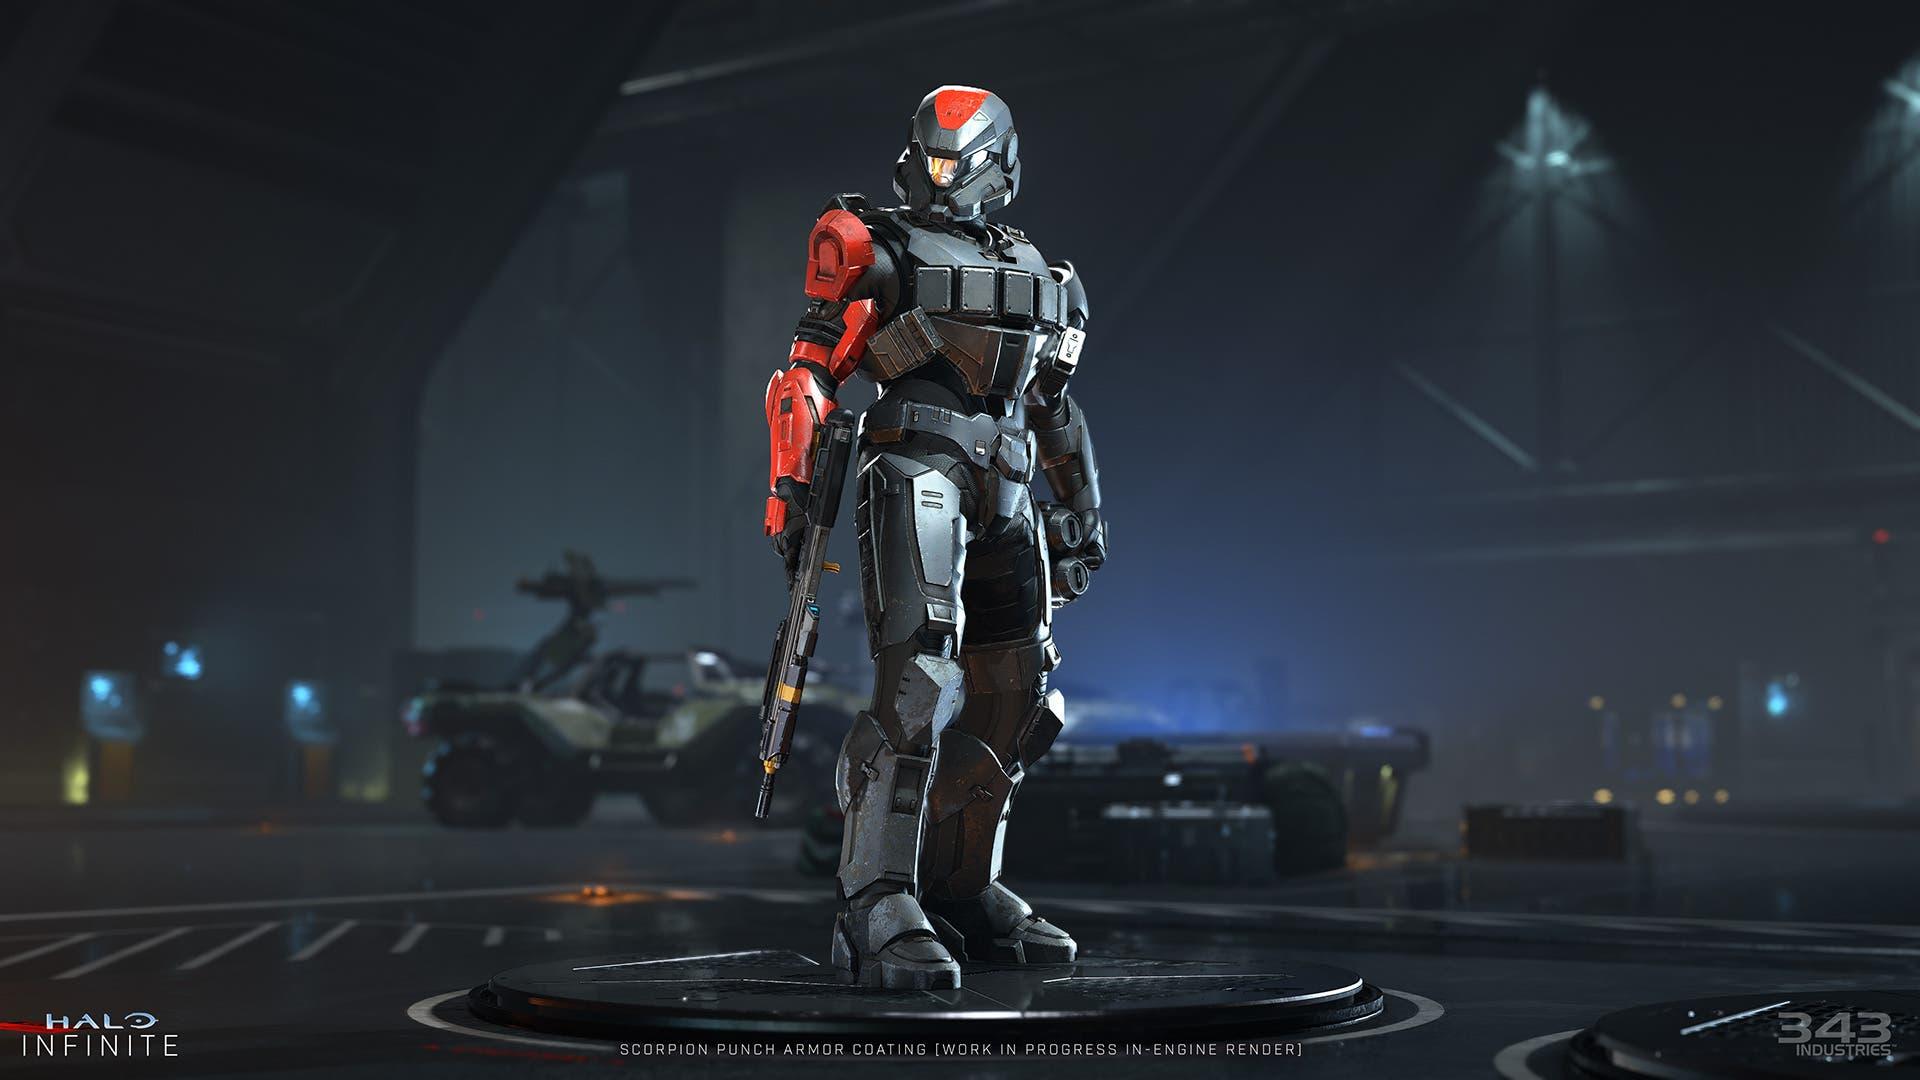 Impresiones de la prueba técnica del multijugador de Halo Infinite